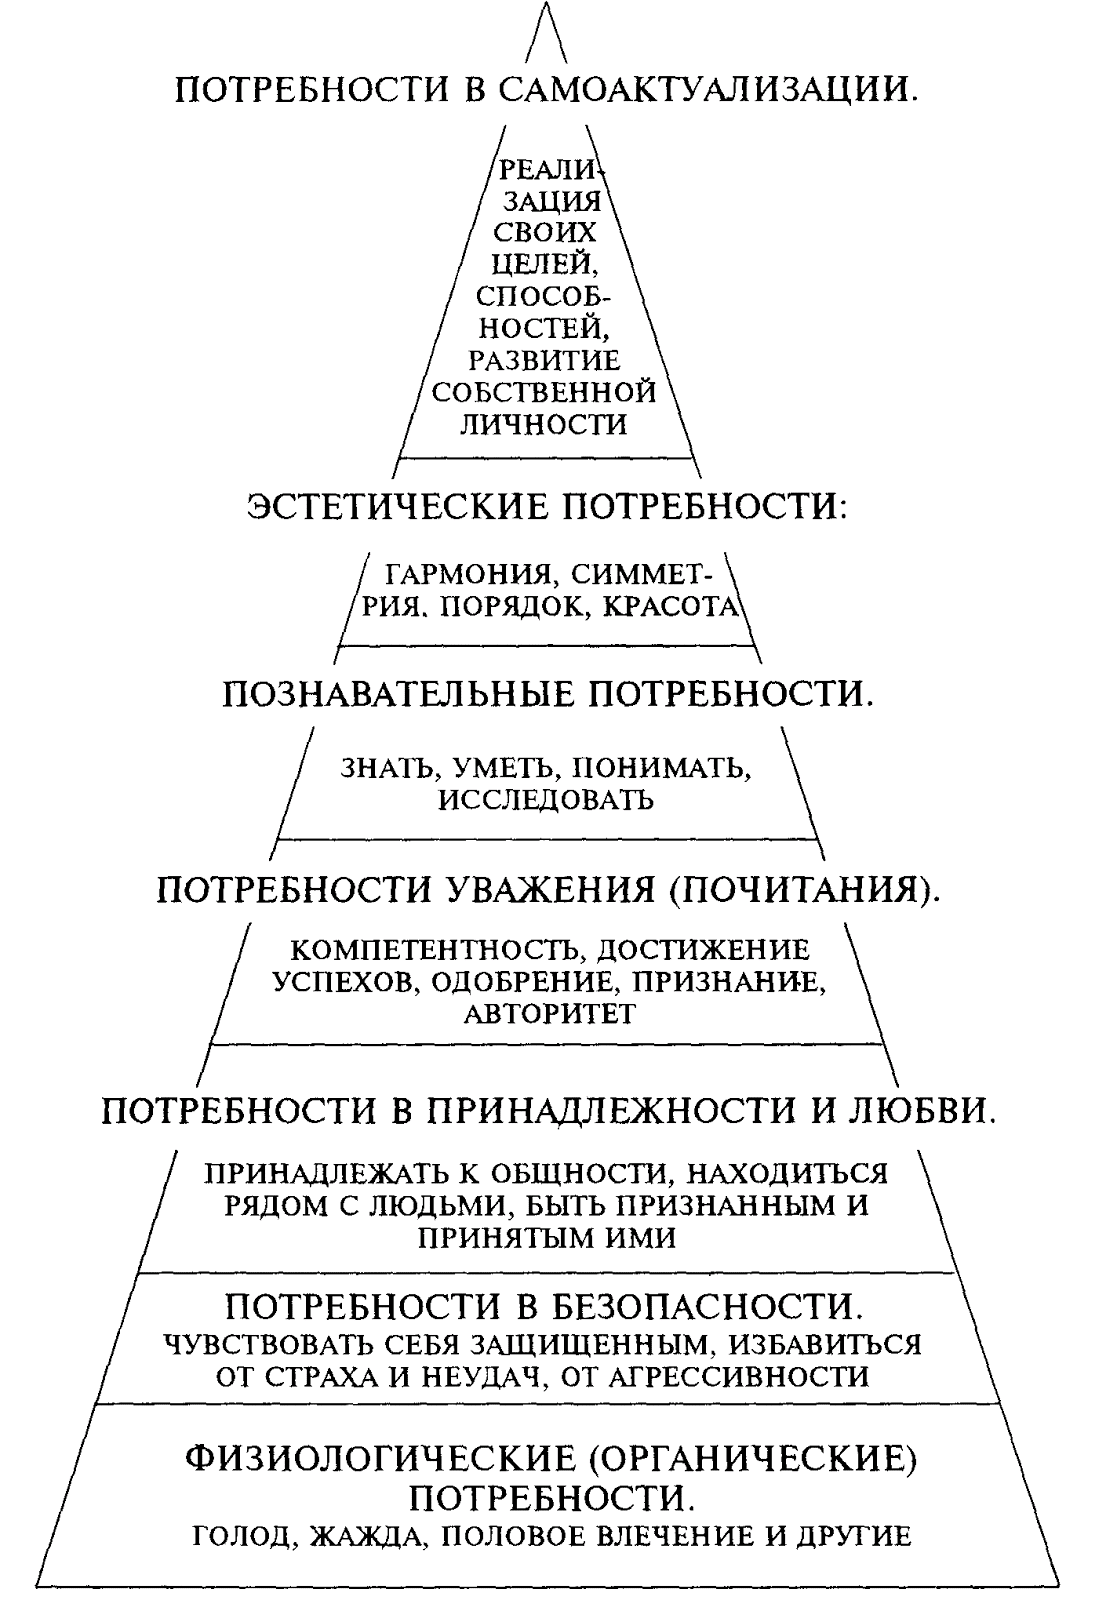 структура содержащая сексуальные и агрессивные инстинкты-ри2